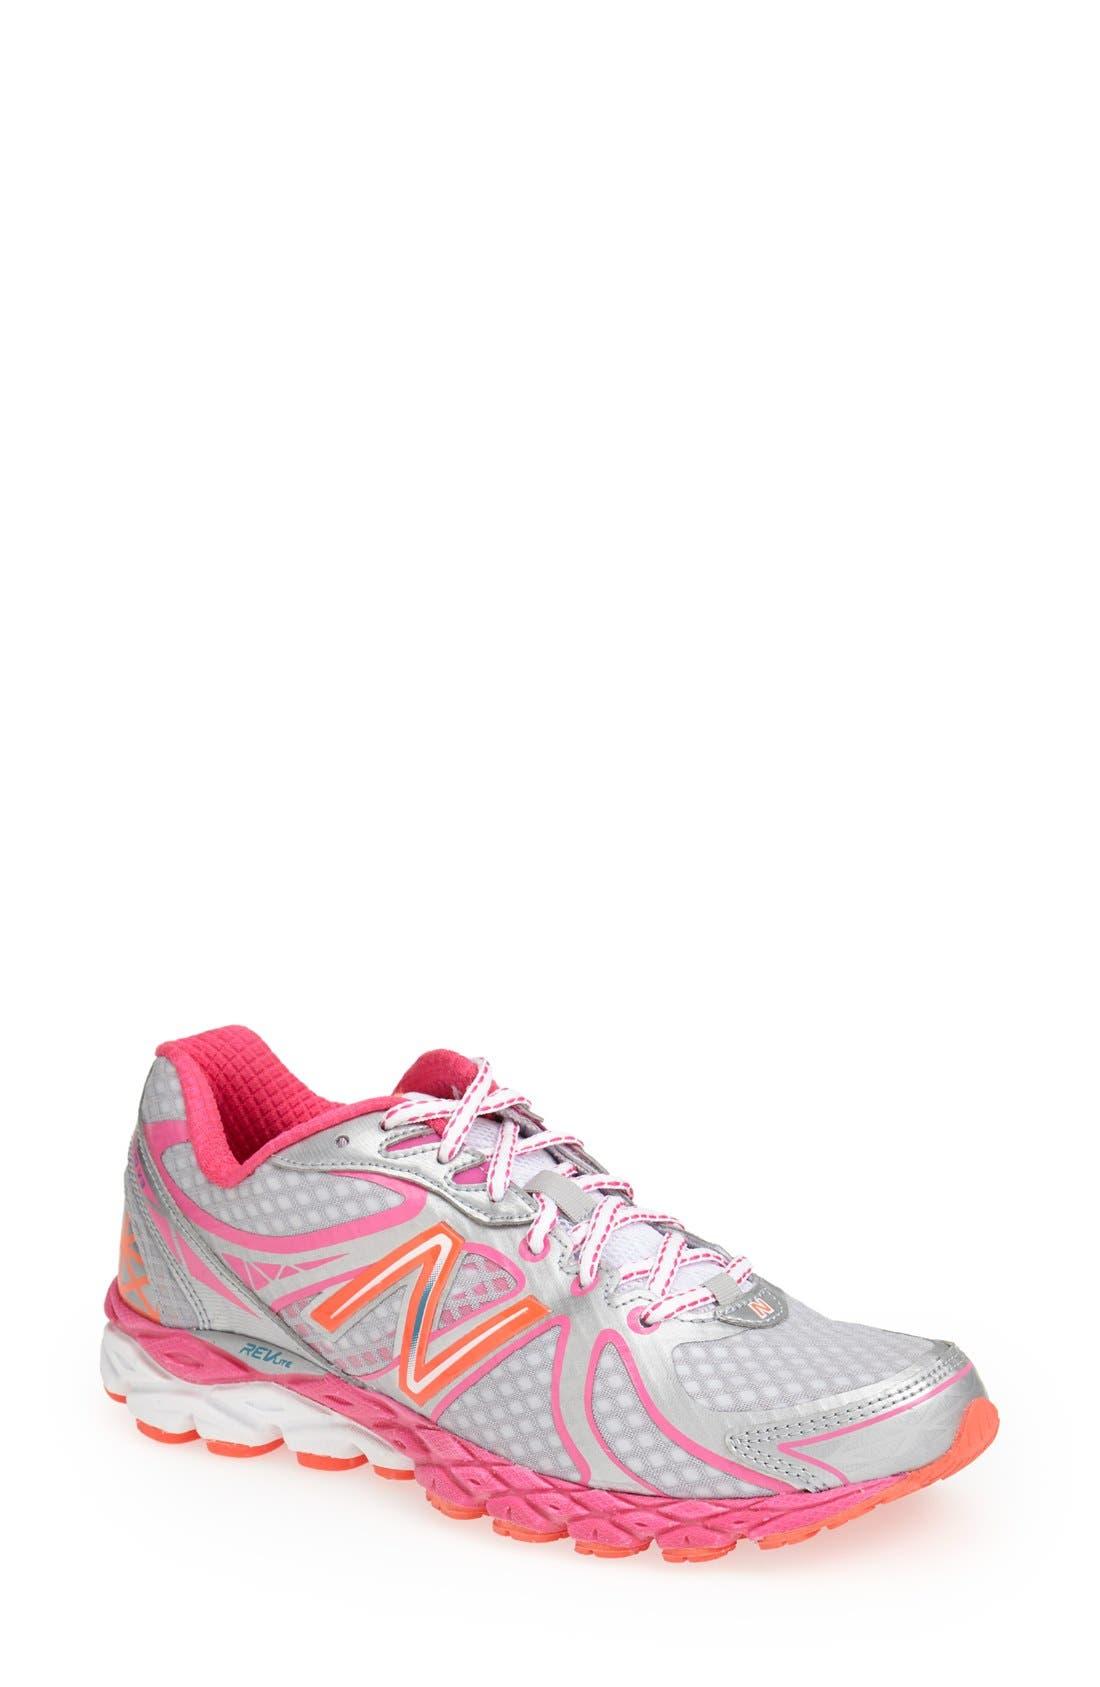 Alternate Image 1 Selected - New Balance '870' Running Shoe (Women)(Regular Retail Price: $109.95)